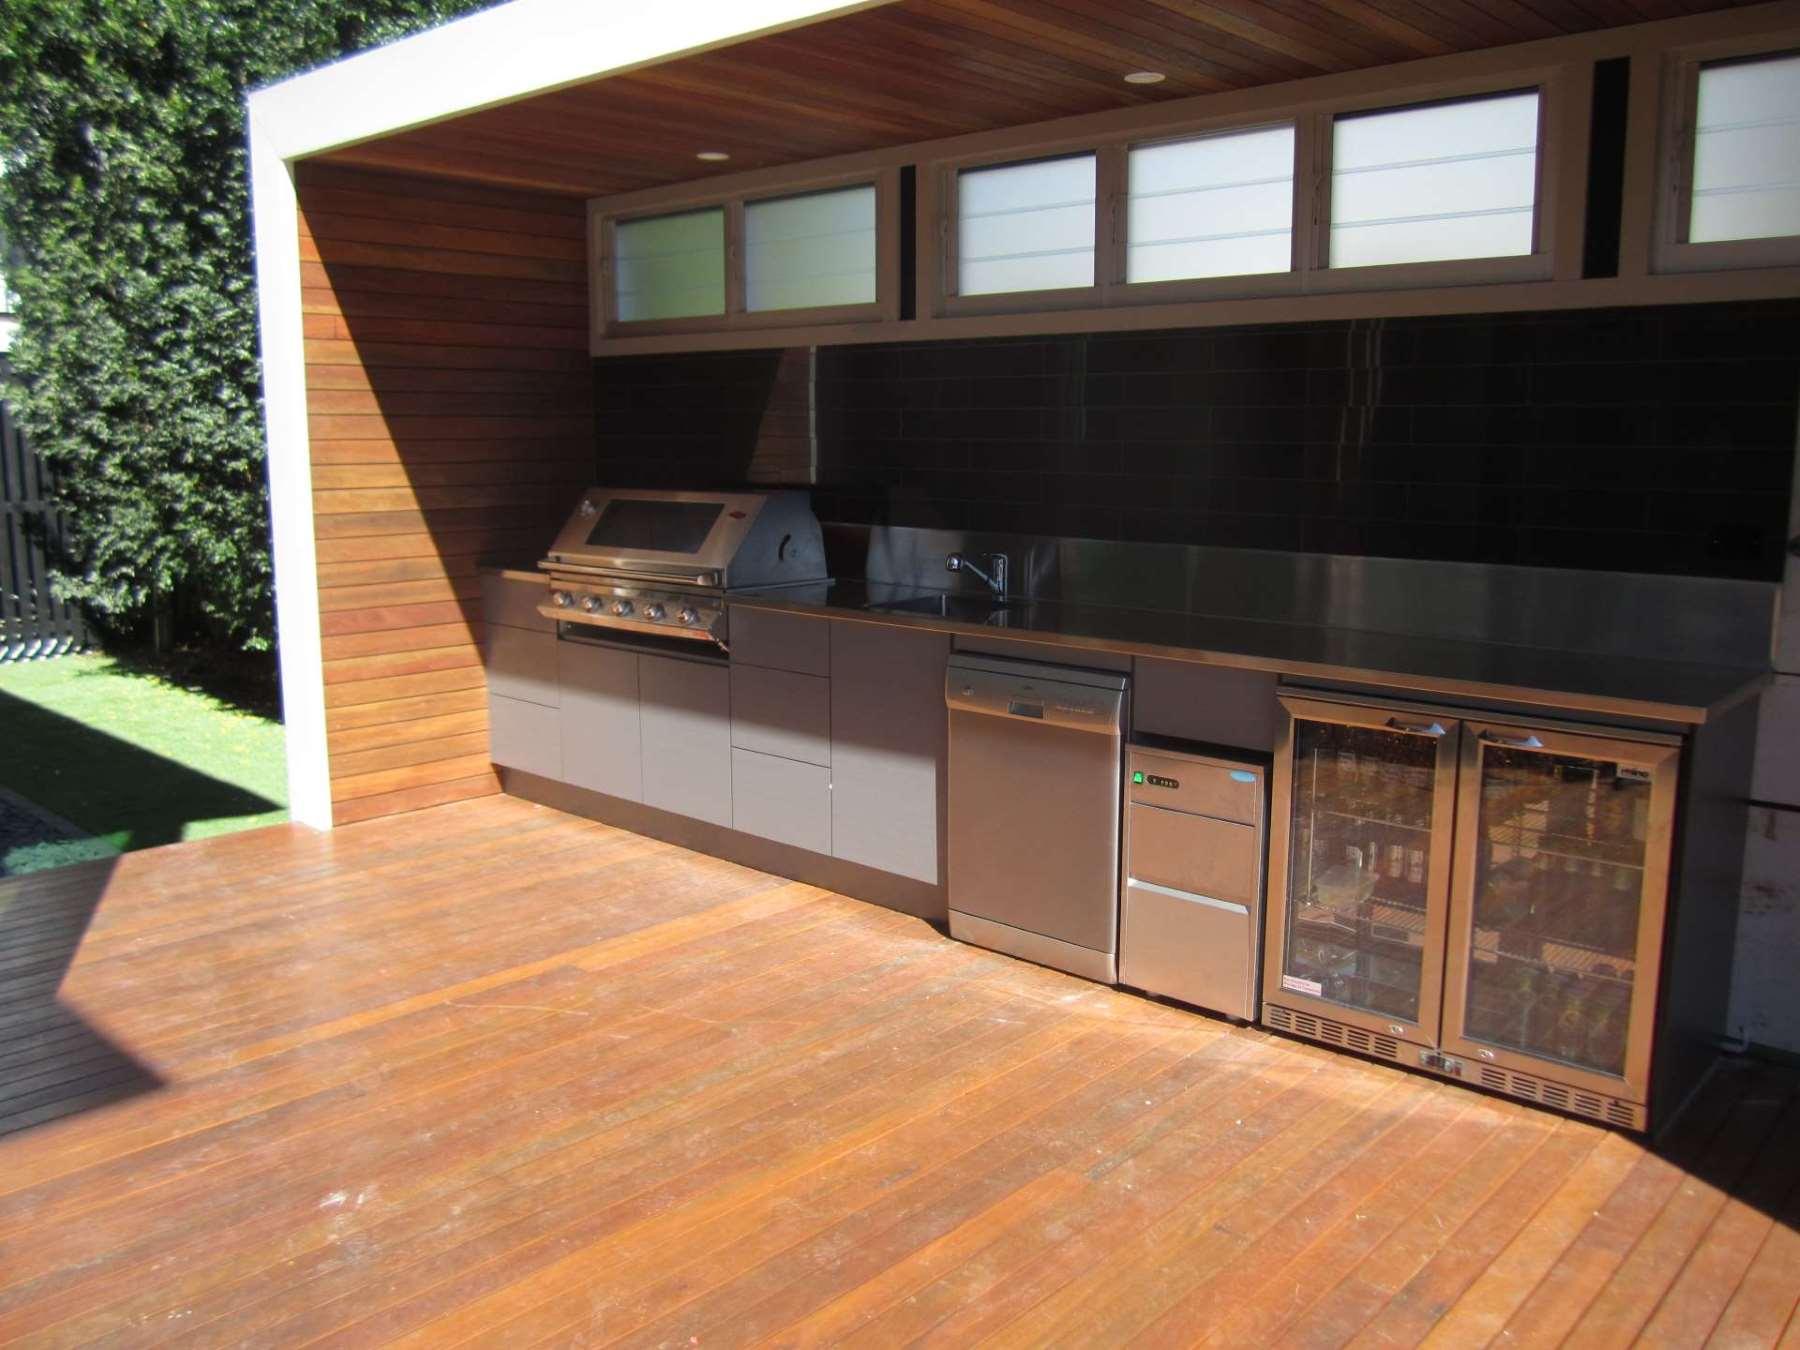 brisbane kitchen projects gallery brisbane kitchen design